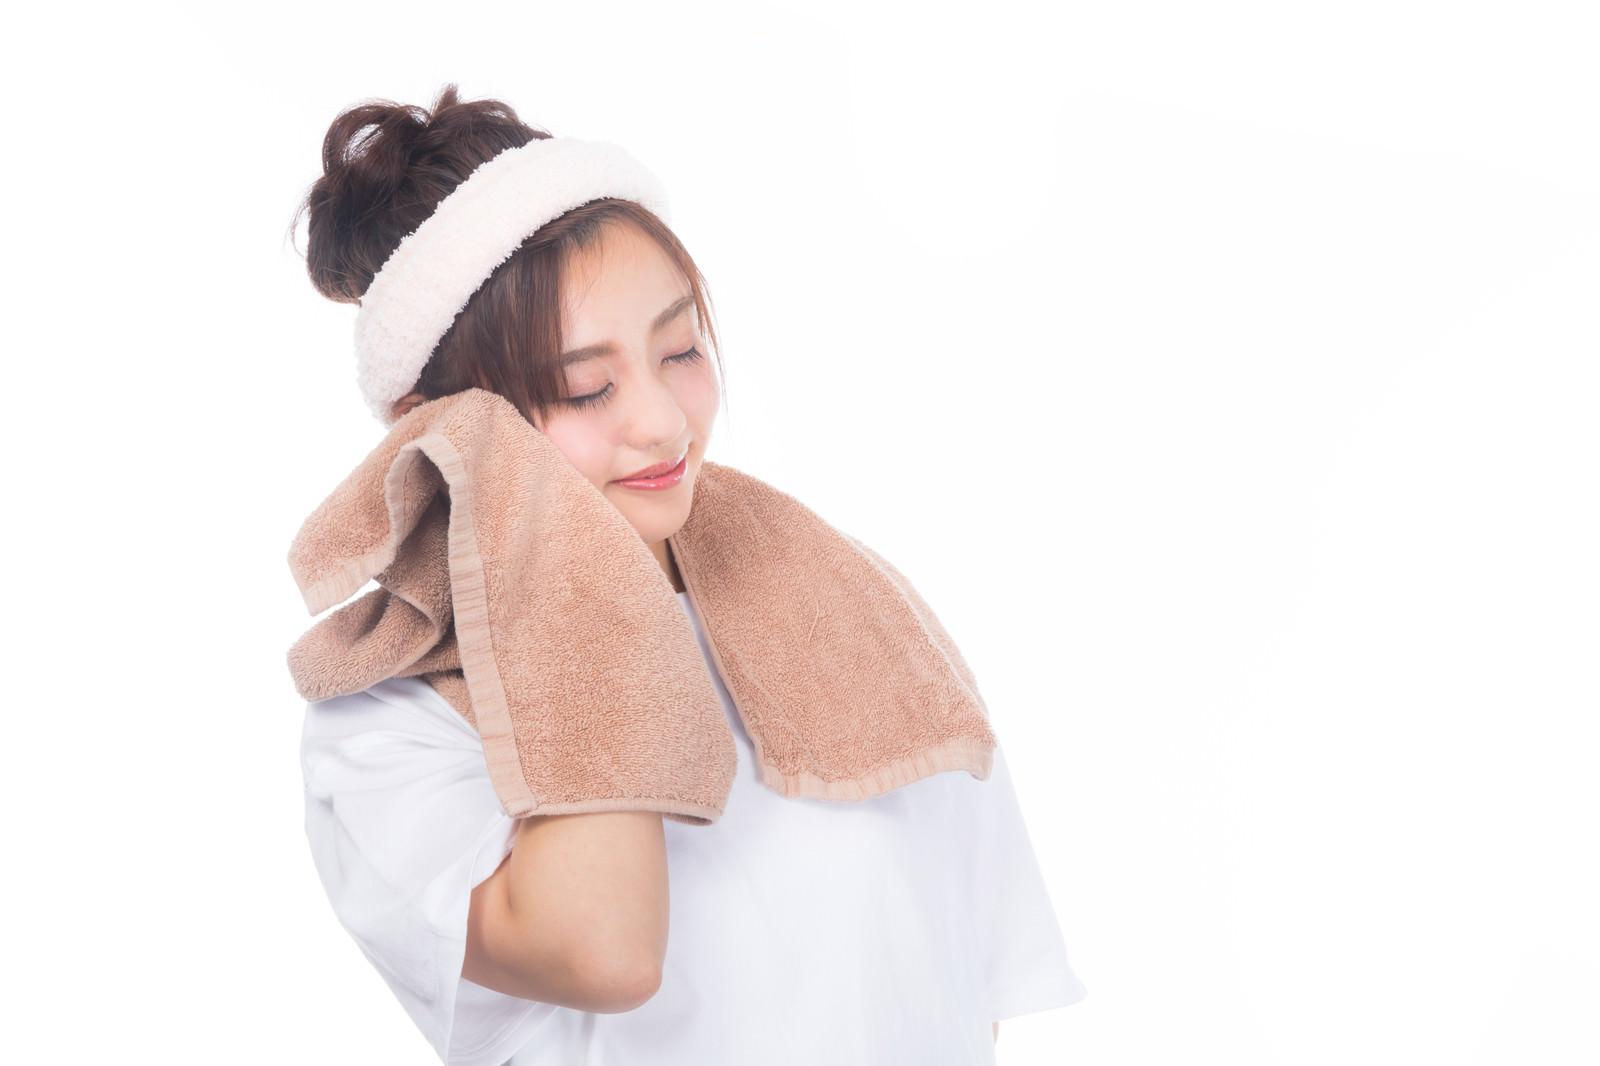 「タオルで頬を覆う女性」の写真[モデル:河村友歌]